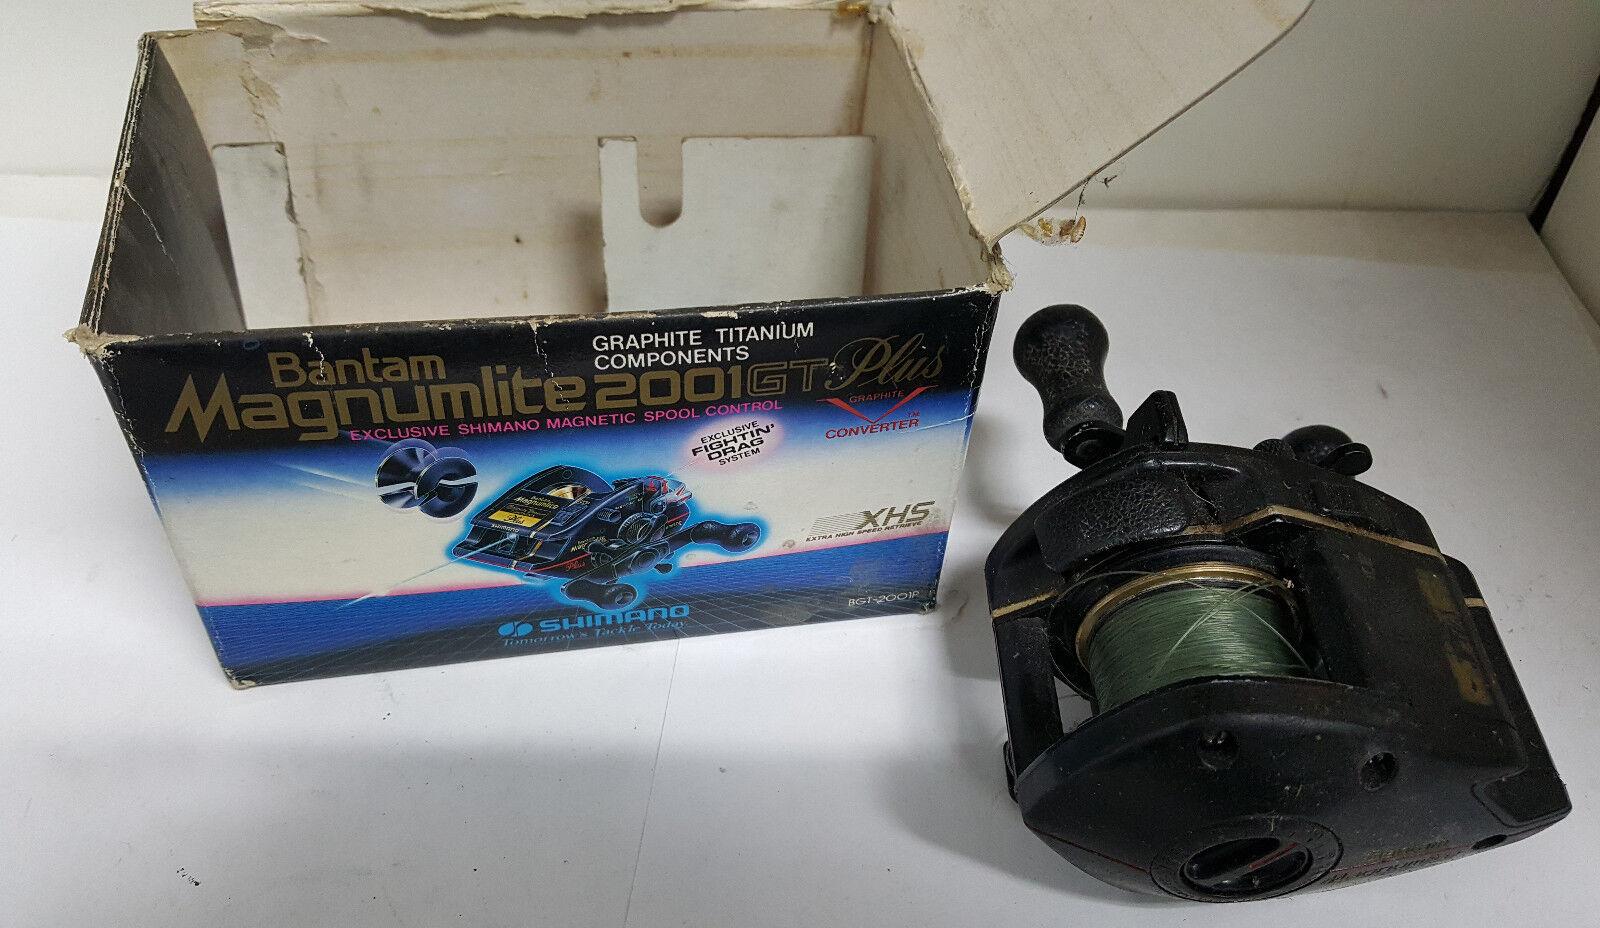 Team SHIMANO MAGNUMLITE 2001GT PLUS Baitcasting Baitcasting PLUS Reel BAIT CASTING e67b65